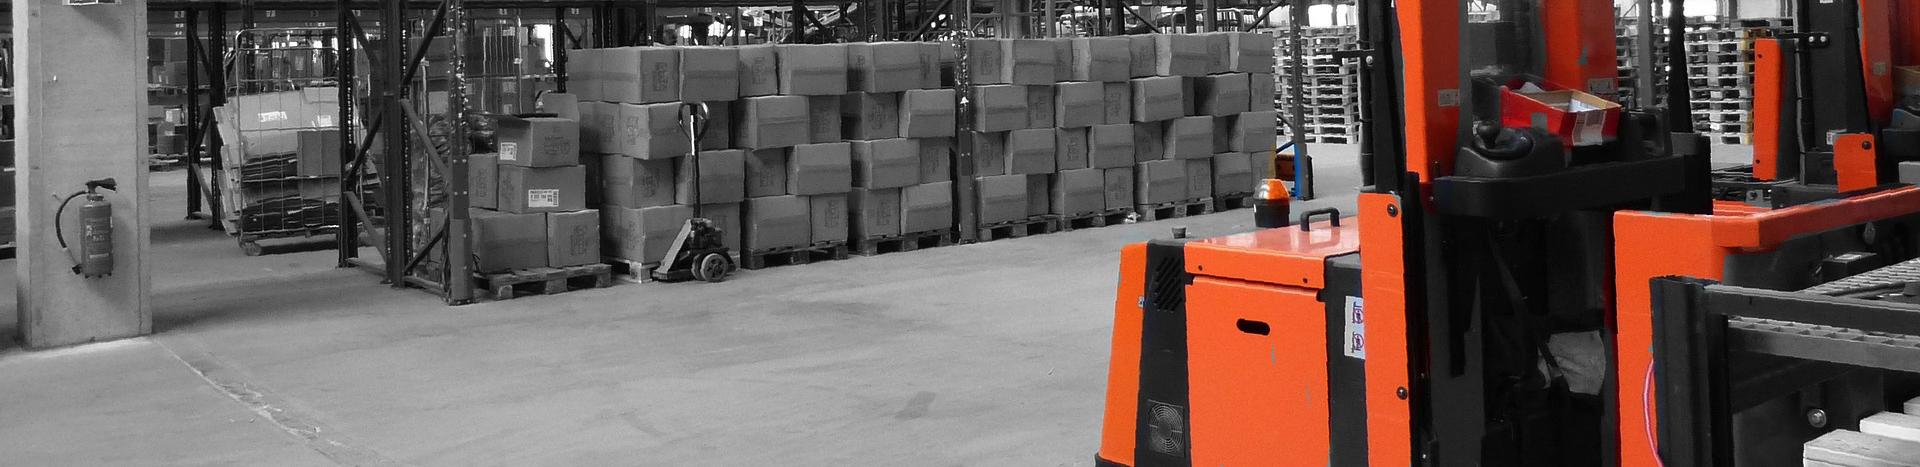 Bedrijfsongeval vorkheftruck | Letselpro